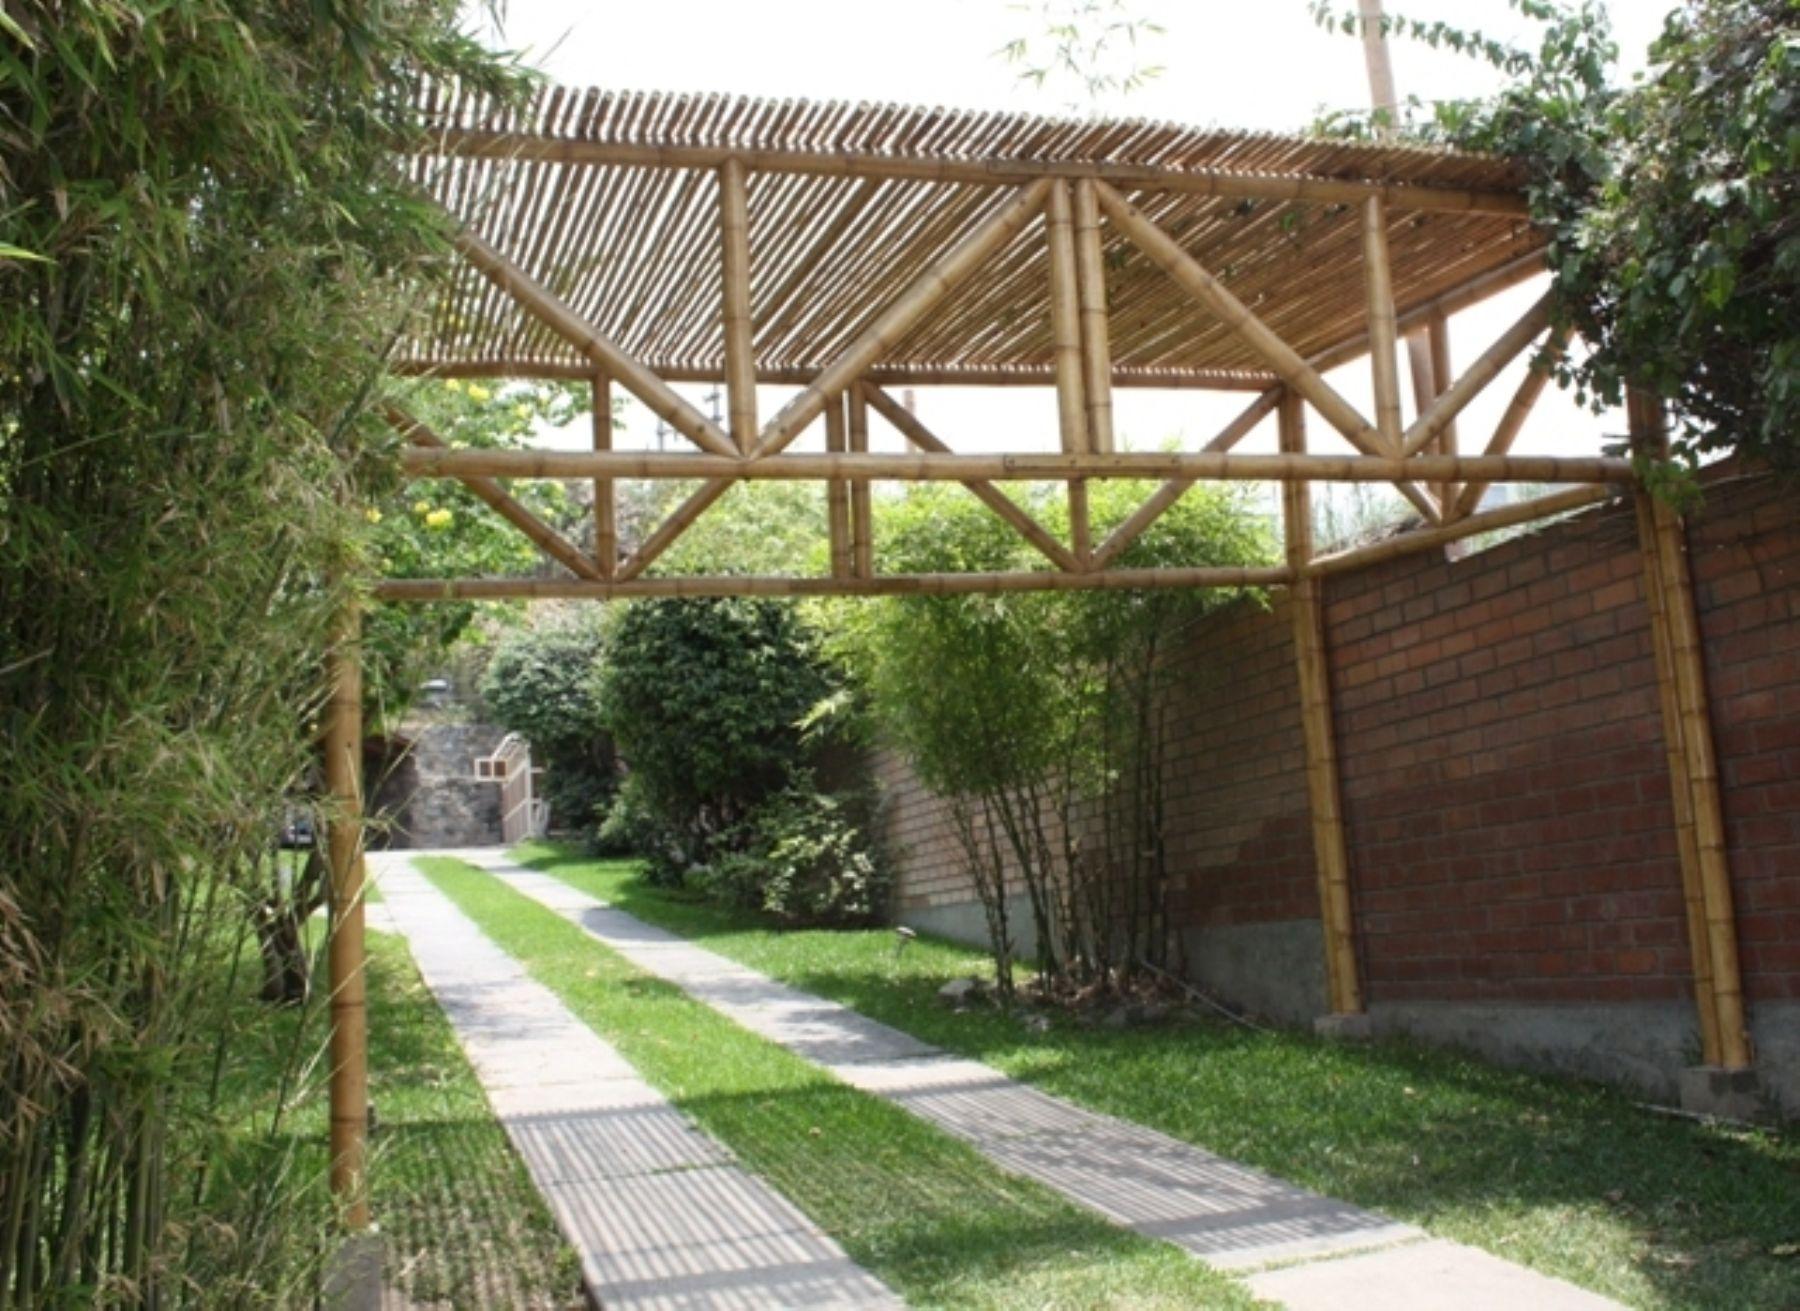 Se fomentar uso de bamb para casas baratas y - Construccion de casas baratas ...